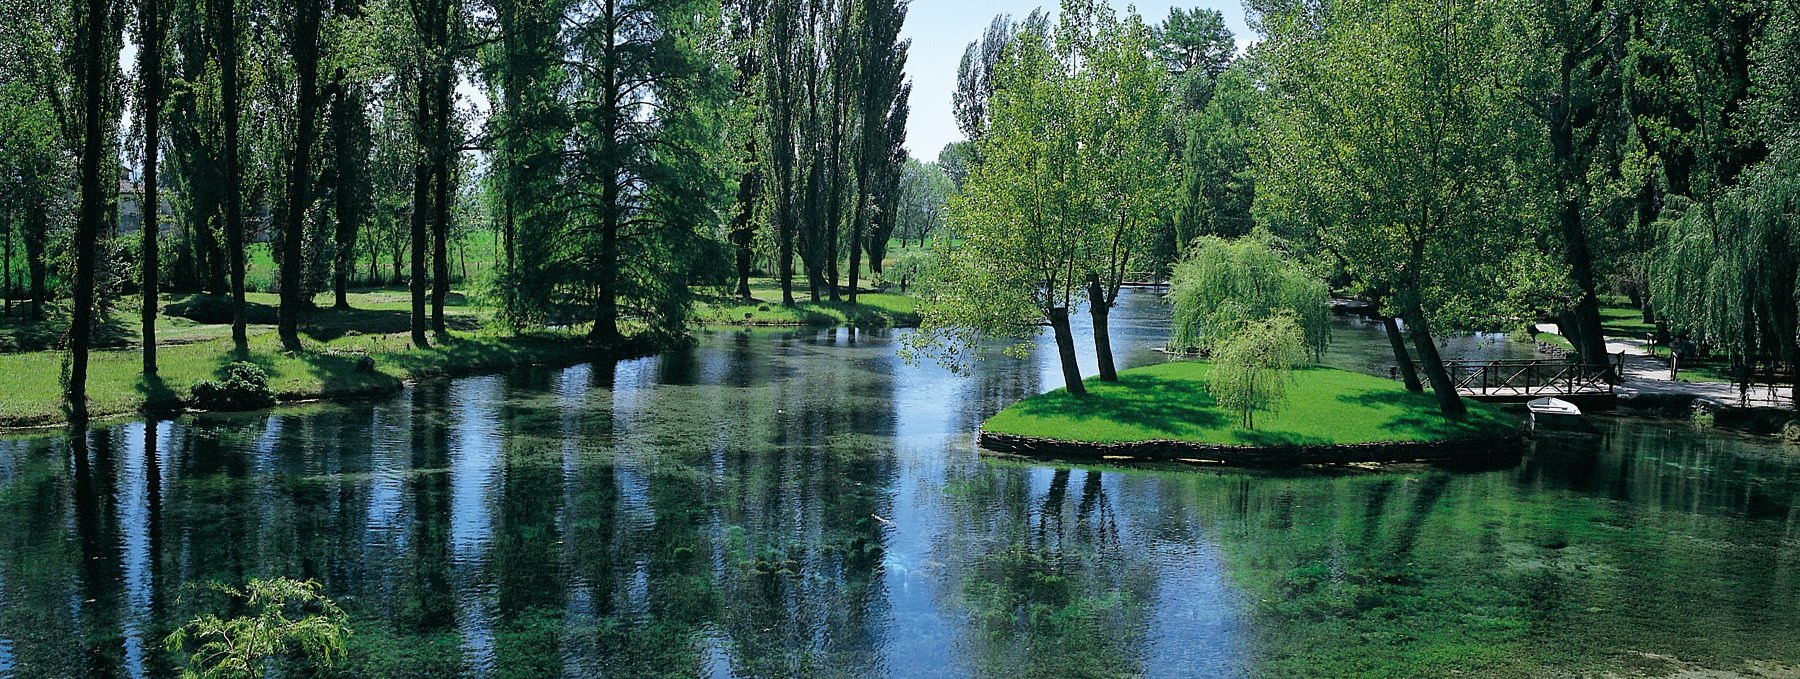 Fonti del Clitunno un'oasi di pace in Umbria tra mito e leggenda